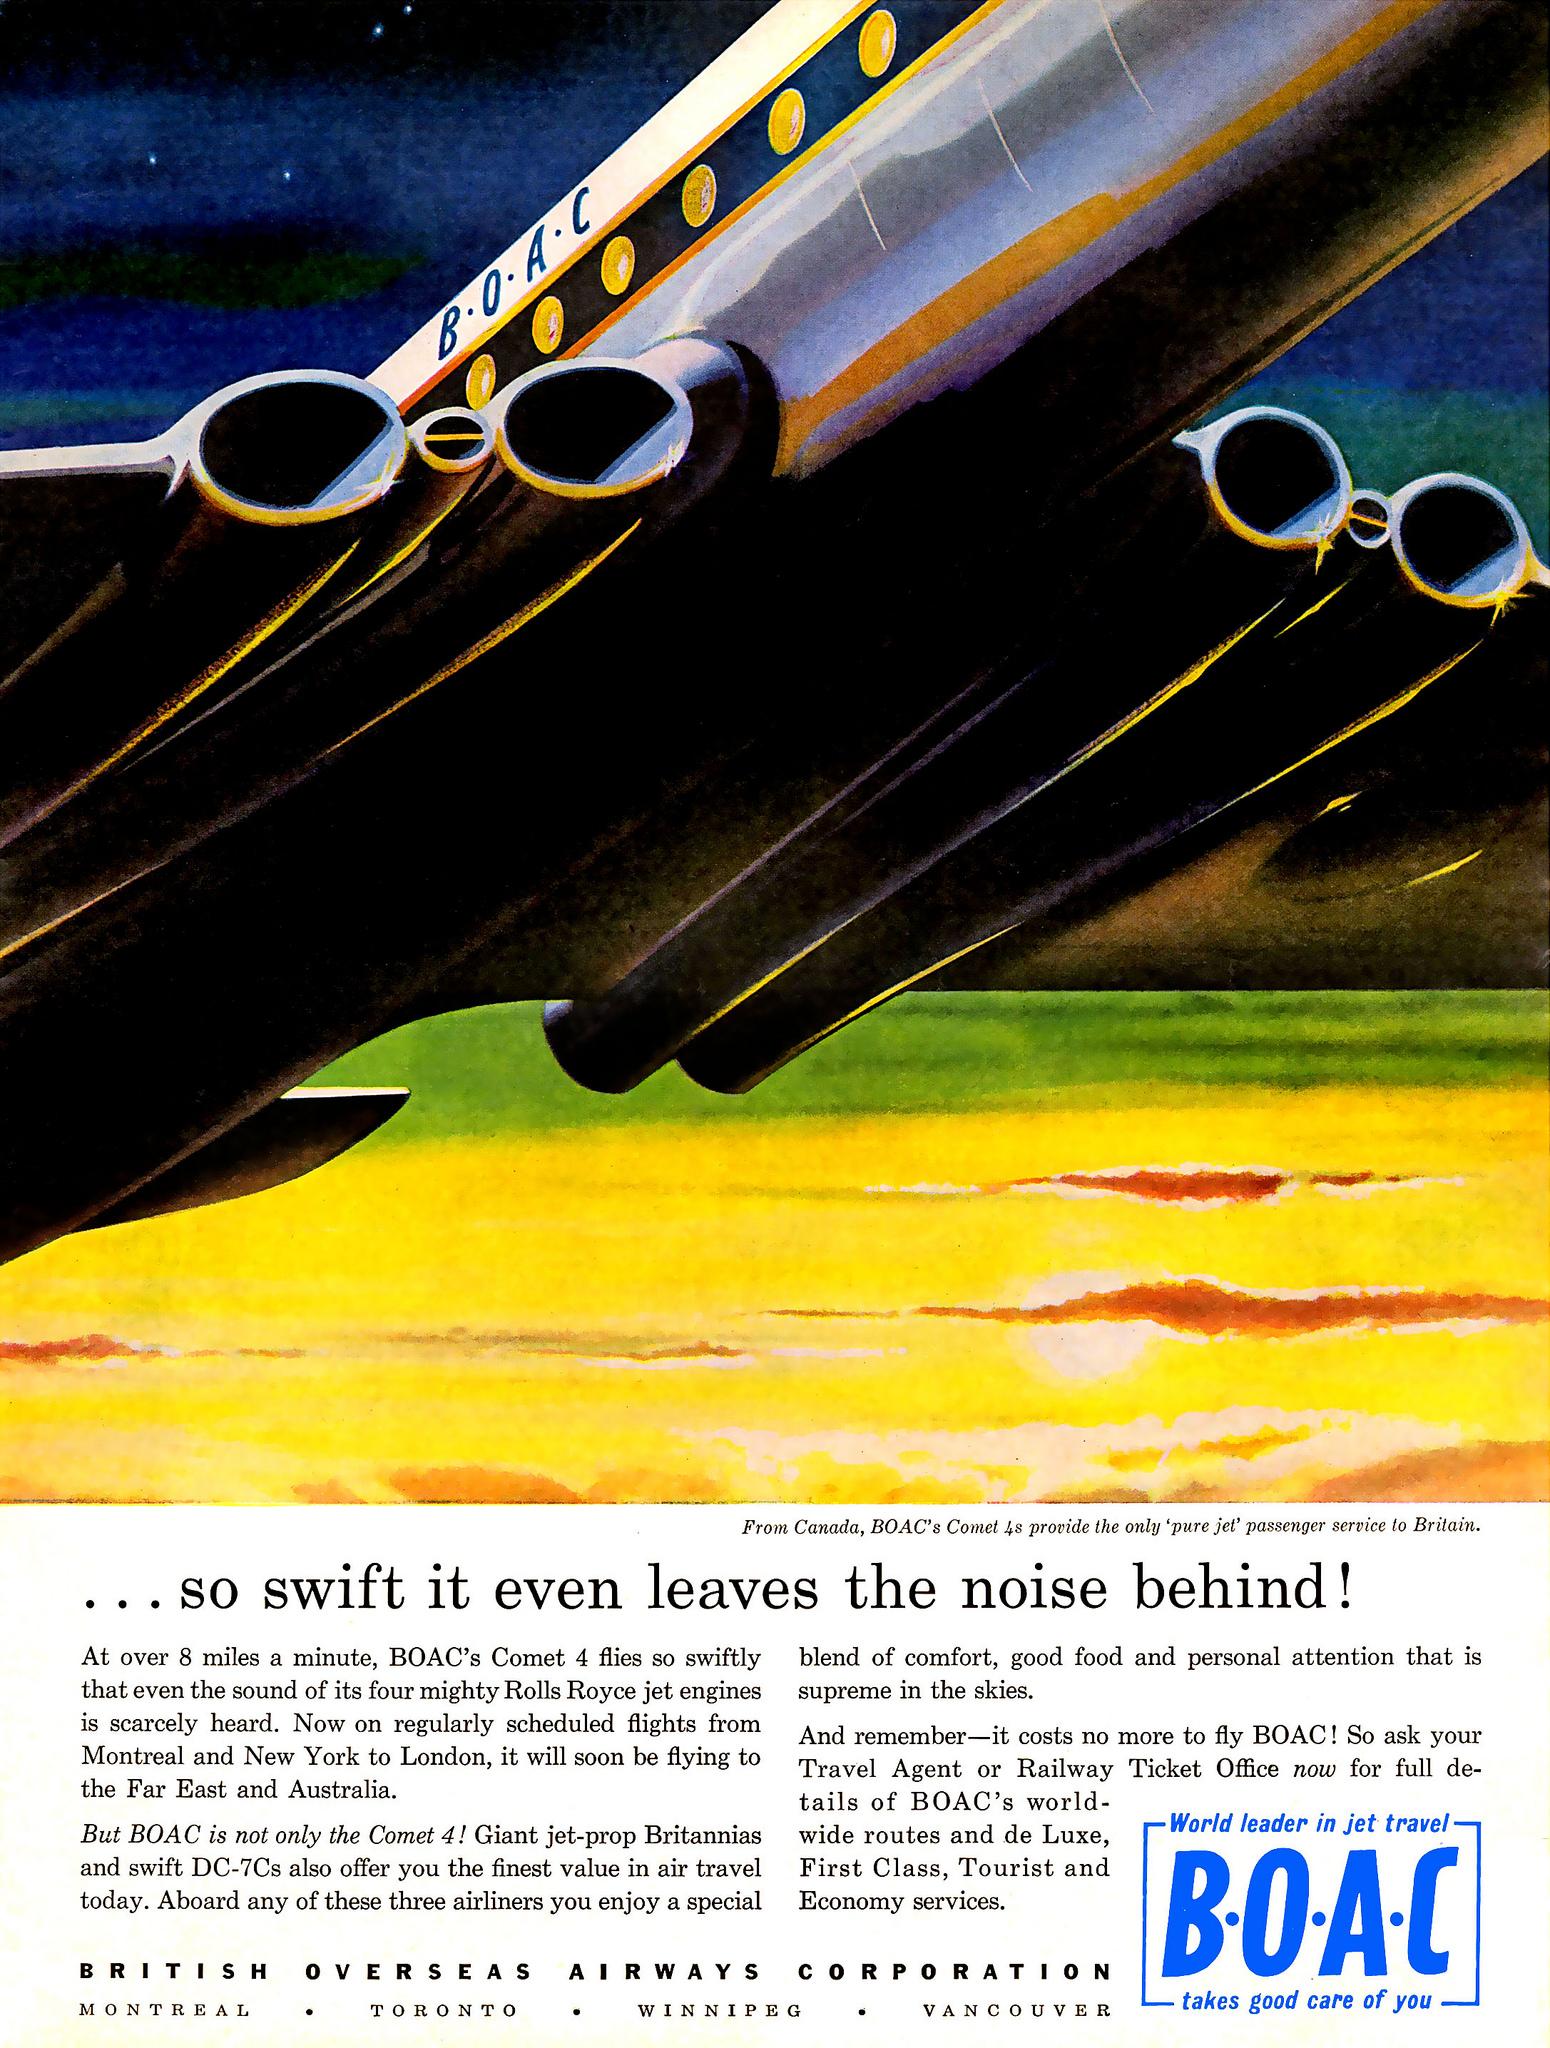 De Havilland Comet BOAC - podróż w wielkim stylu by LONG STORY SHORT